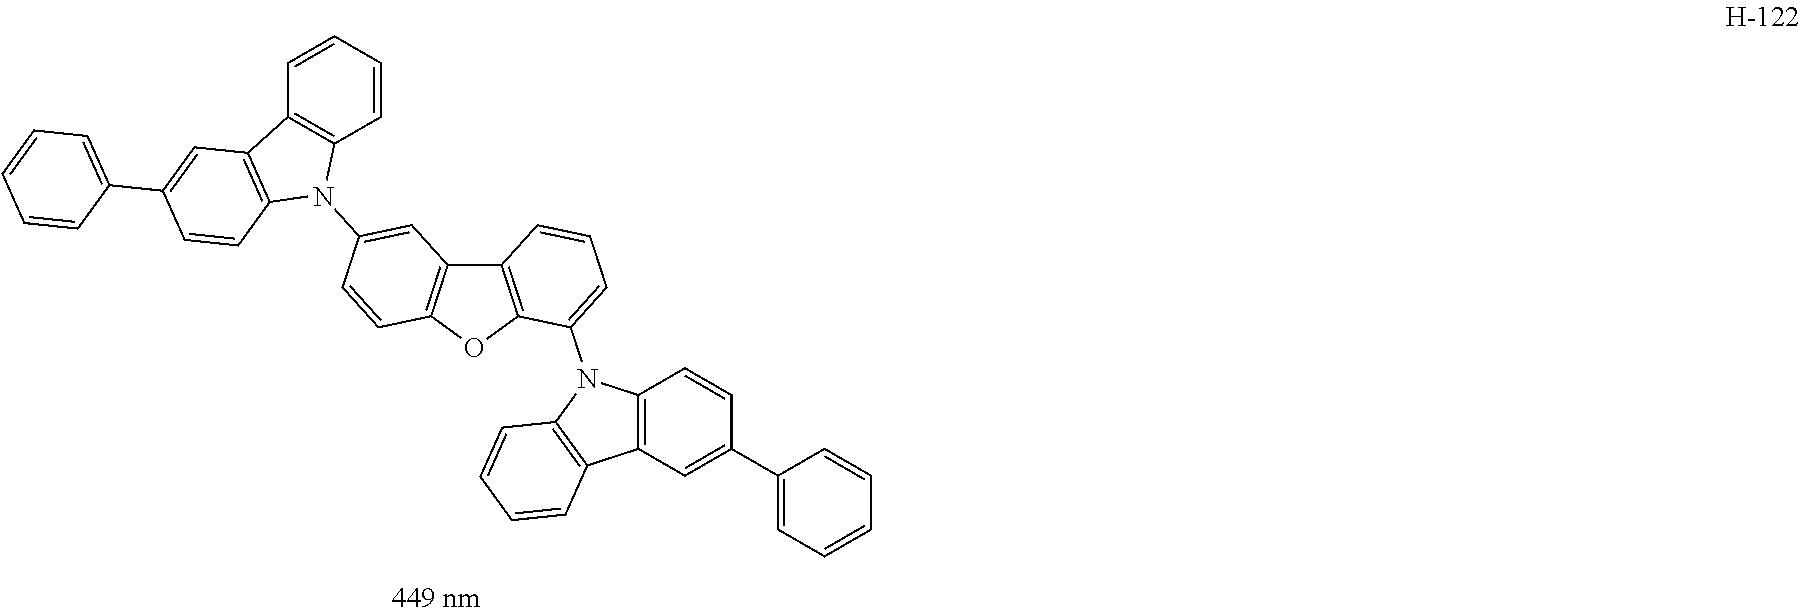 Figure US09935269-20180403-C00045